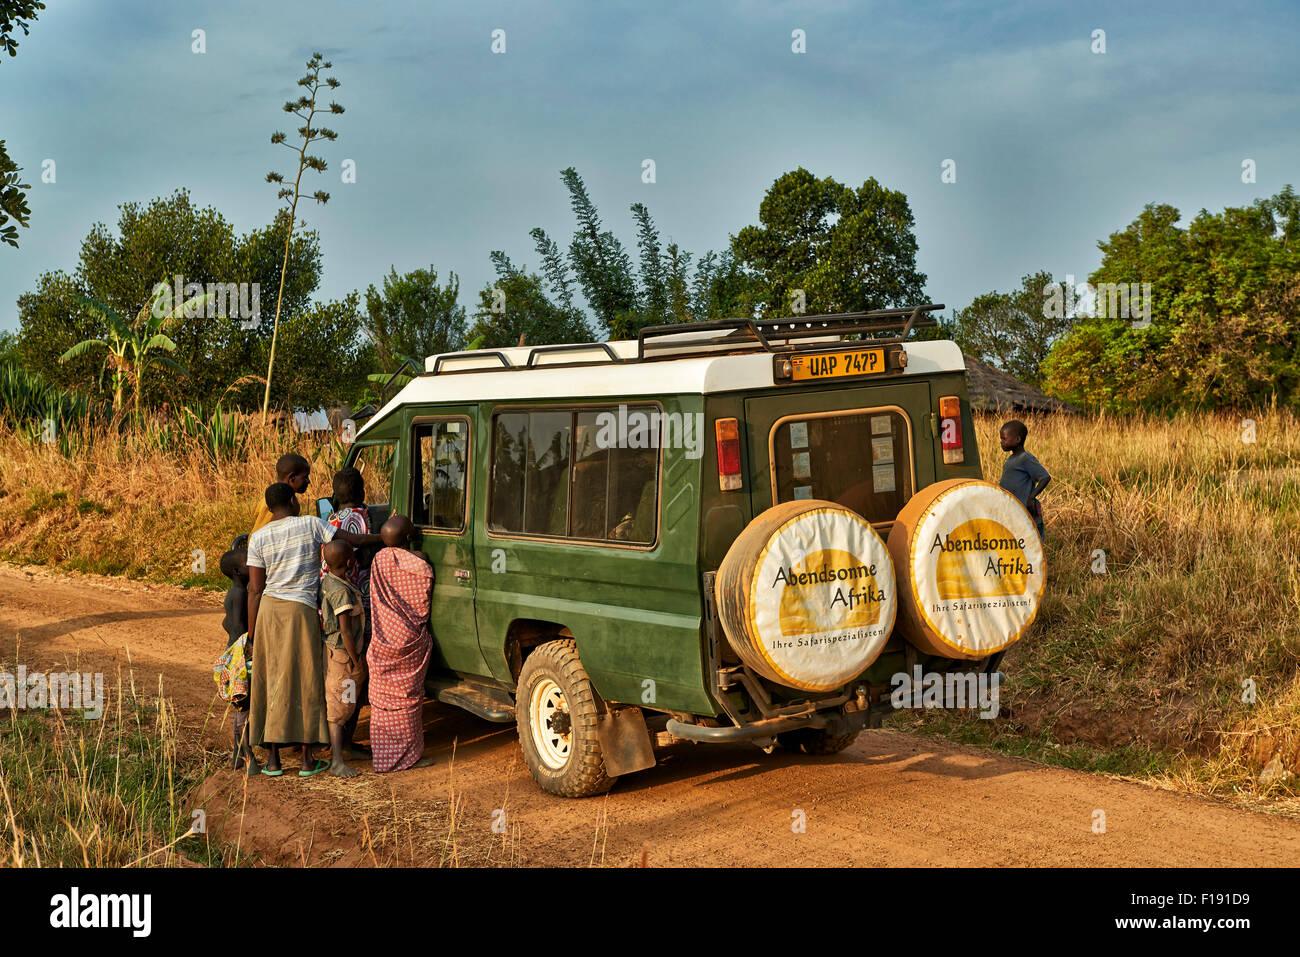 locals around 4x4 in village of Uganda, Africa - Stock Image